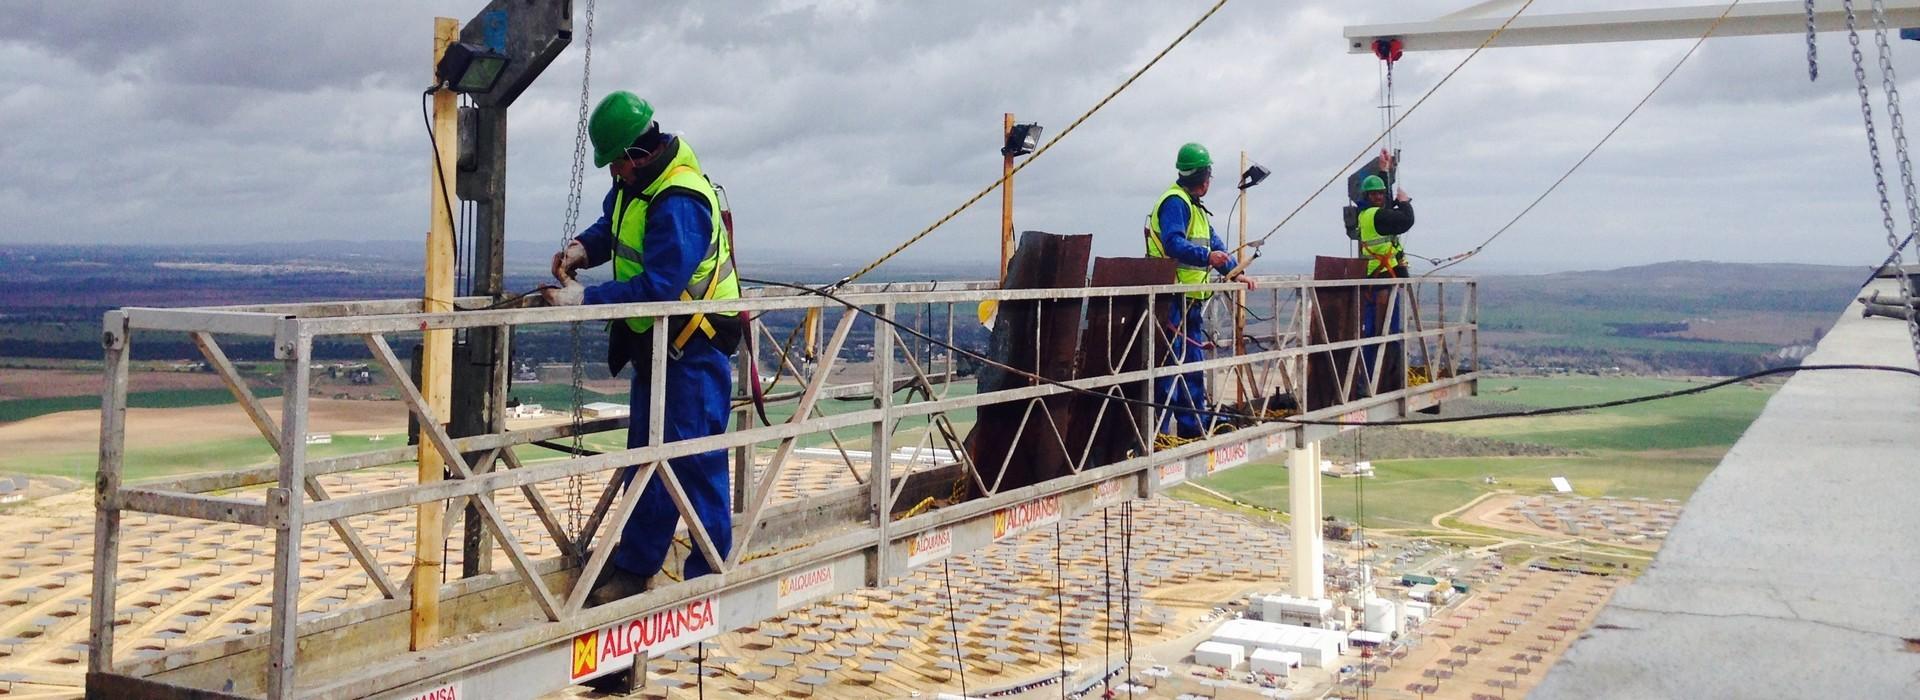 FOTO PORTADA 3 Ateca Trabajos Verticales